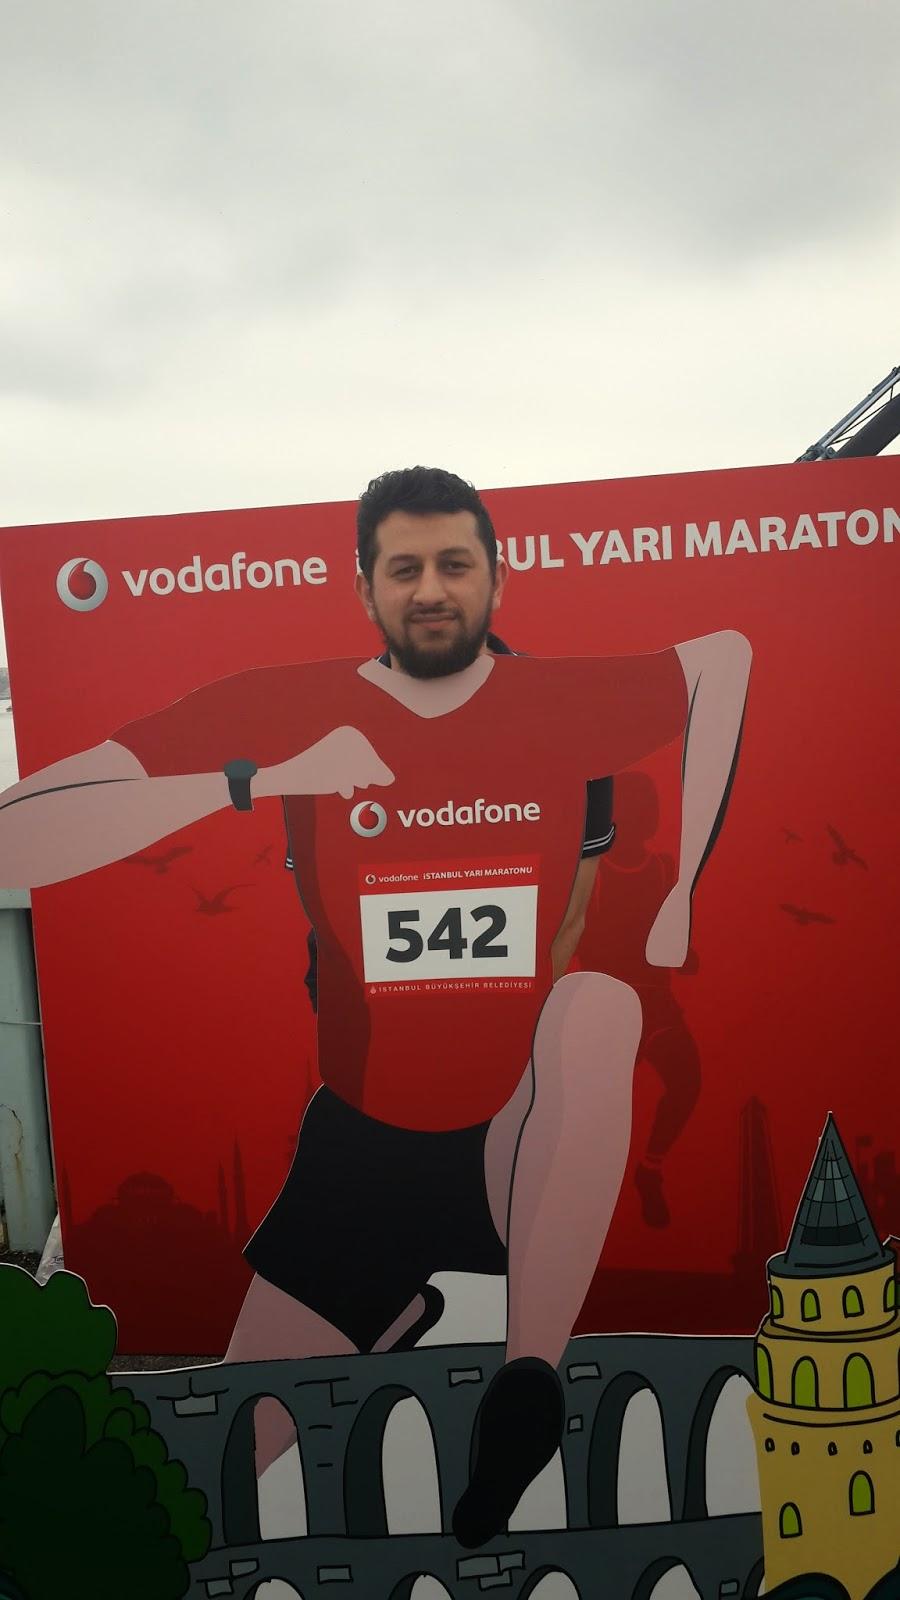 isatnbul yarı maratonu nşsan 2014 #koşarkenistanbul